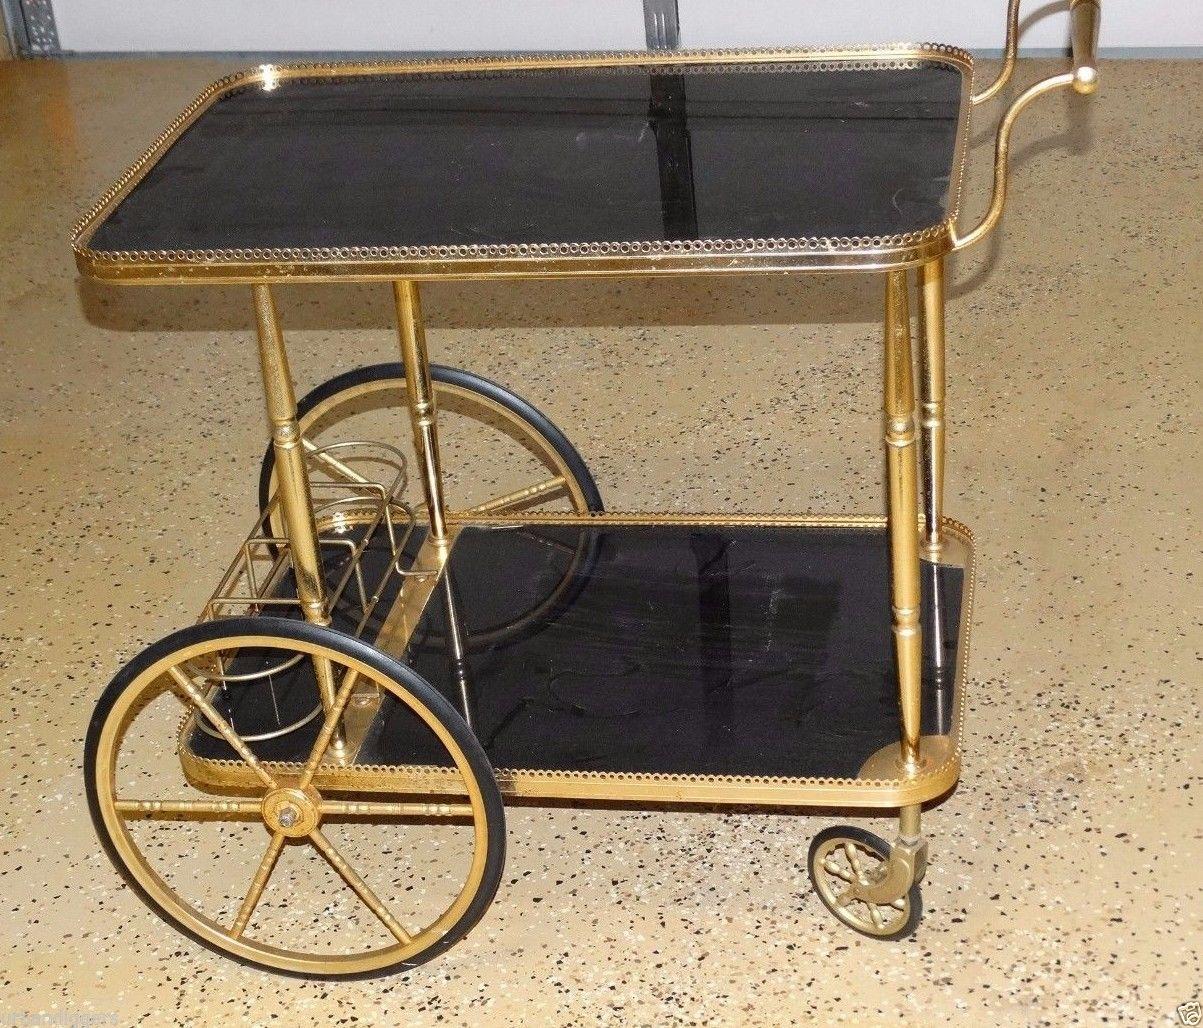 Med hjul og det hele. Denne er av den ekslusive typen og koster 760 dollar på ebay, omkring 6600 kroner.